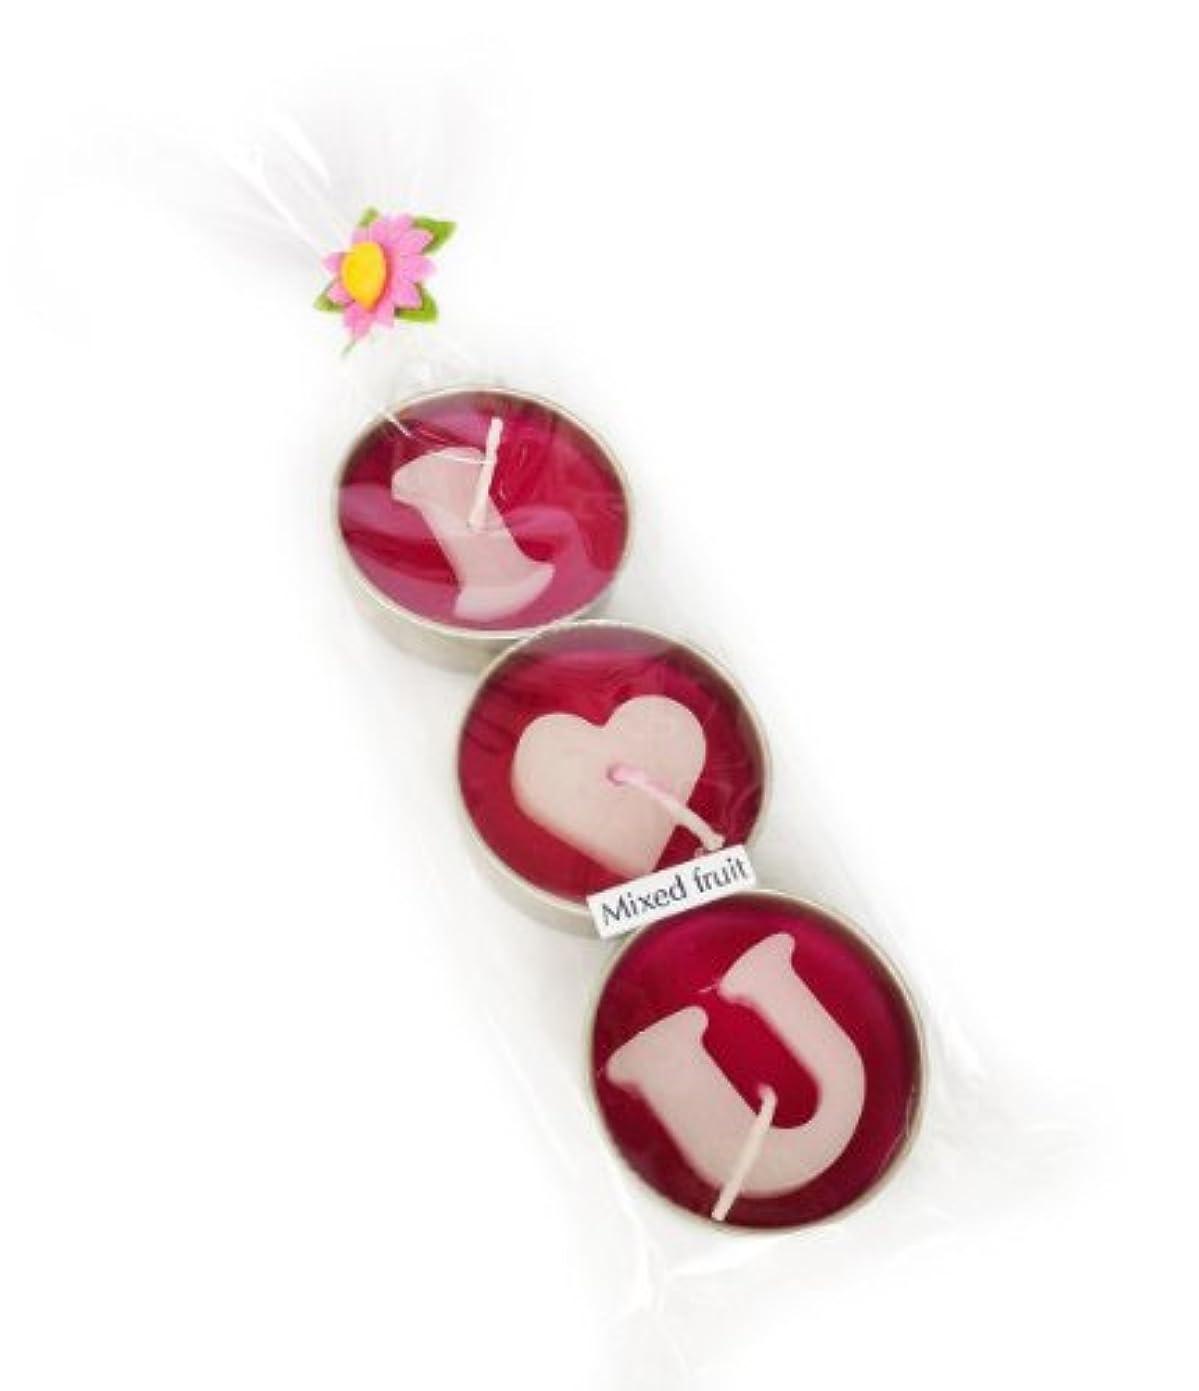 不道徳触覚侵入アロマキャンドル/ラブキャンドル/ILoveU/モーク/ロウソク/ろうそ/1パック3個入り/(1Pack  3pc I love U Candle) (Mixed Fruit)